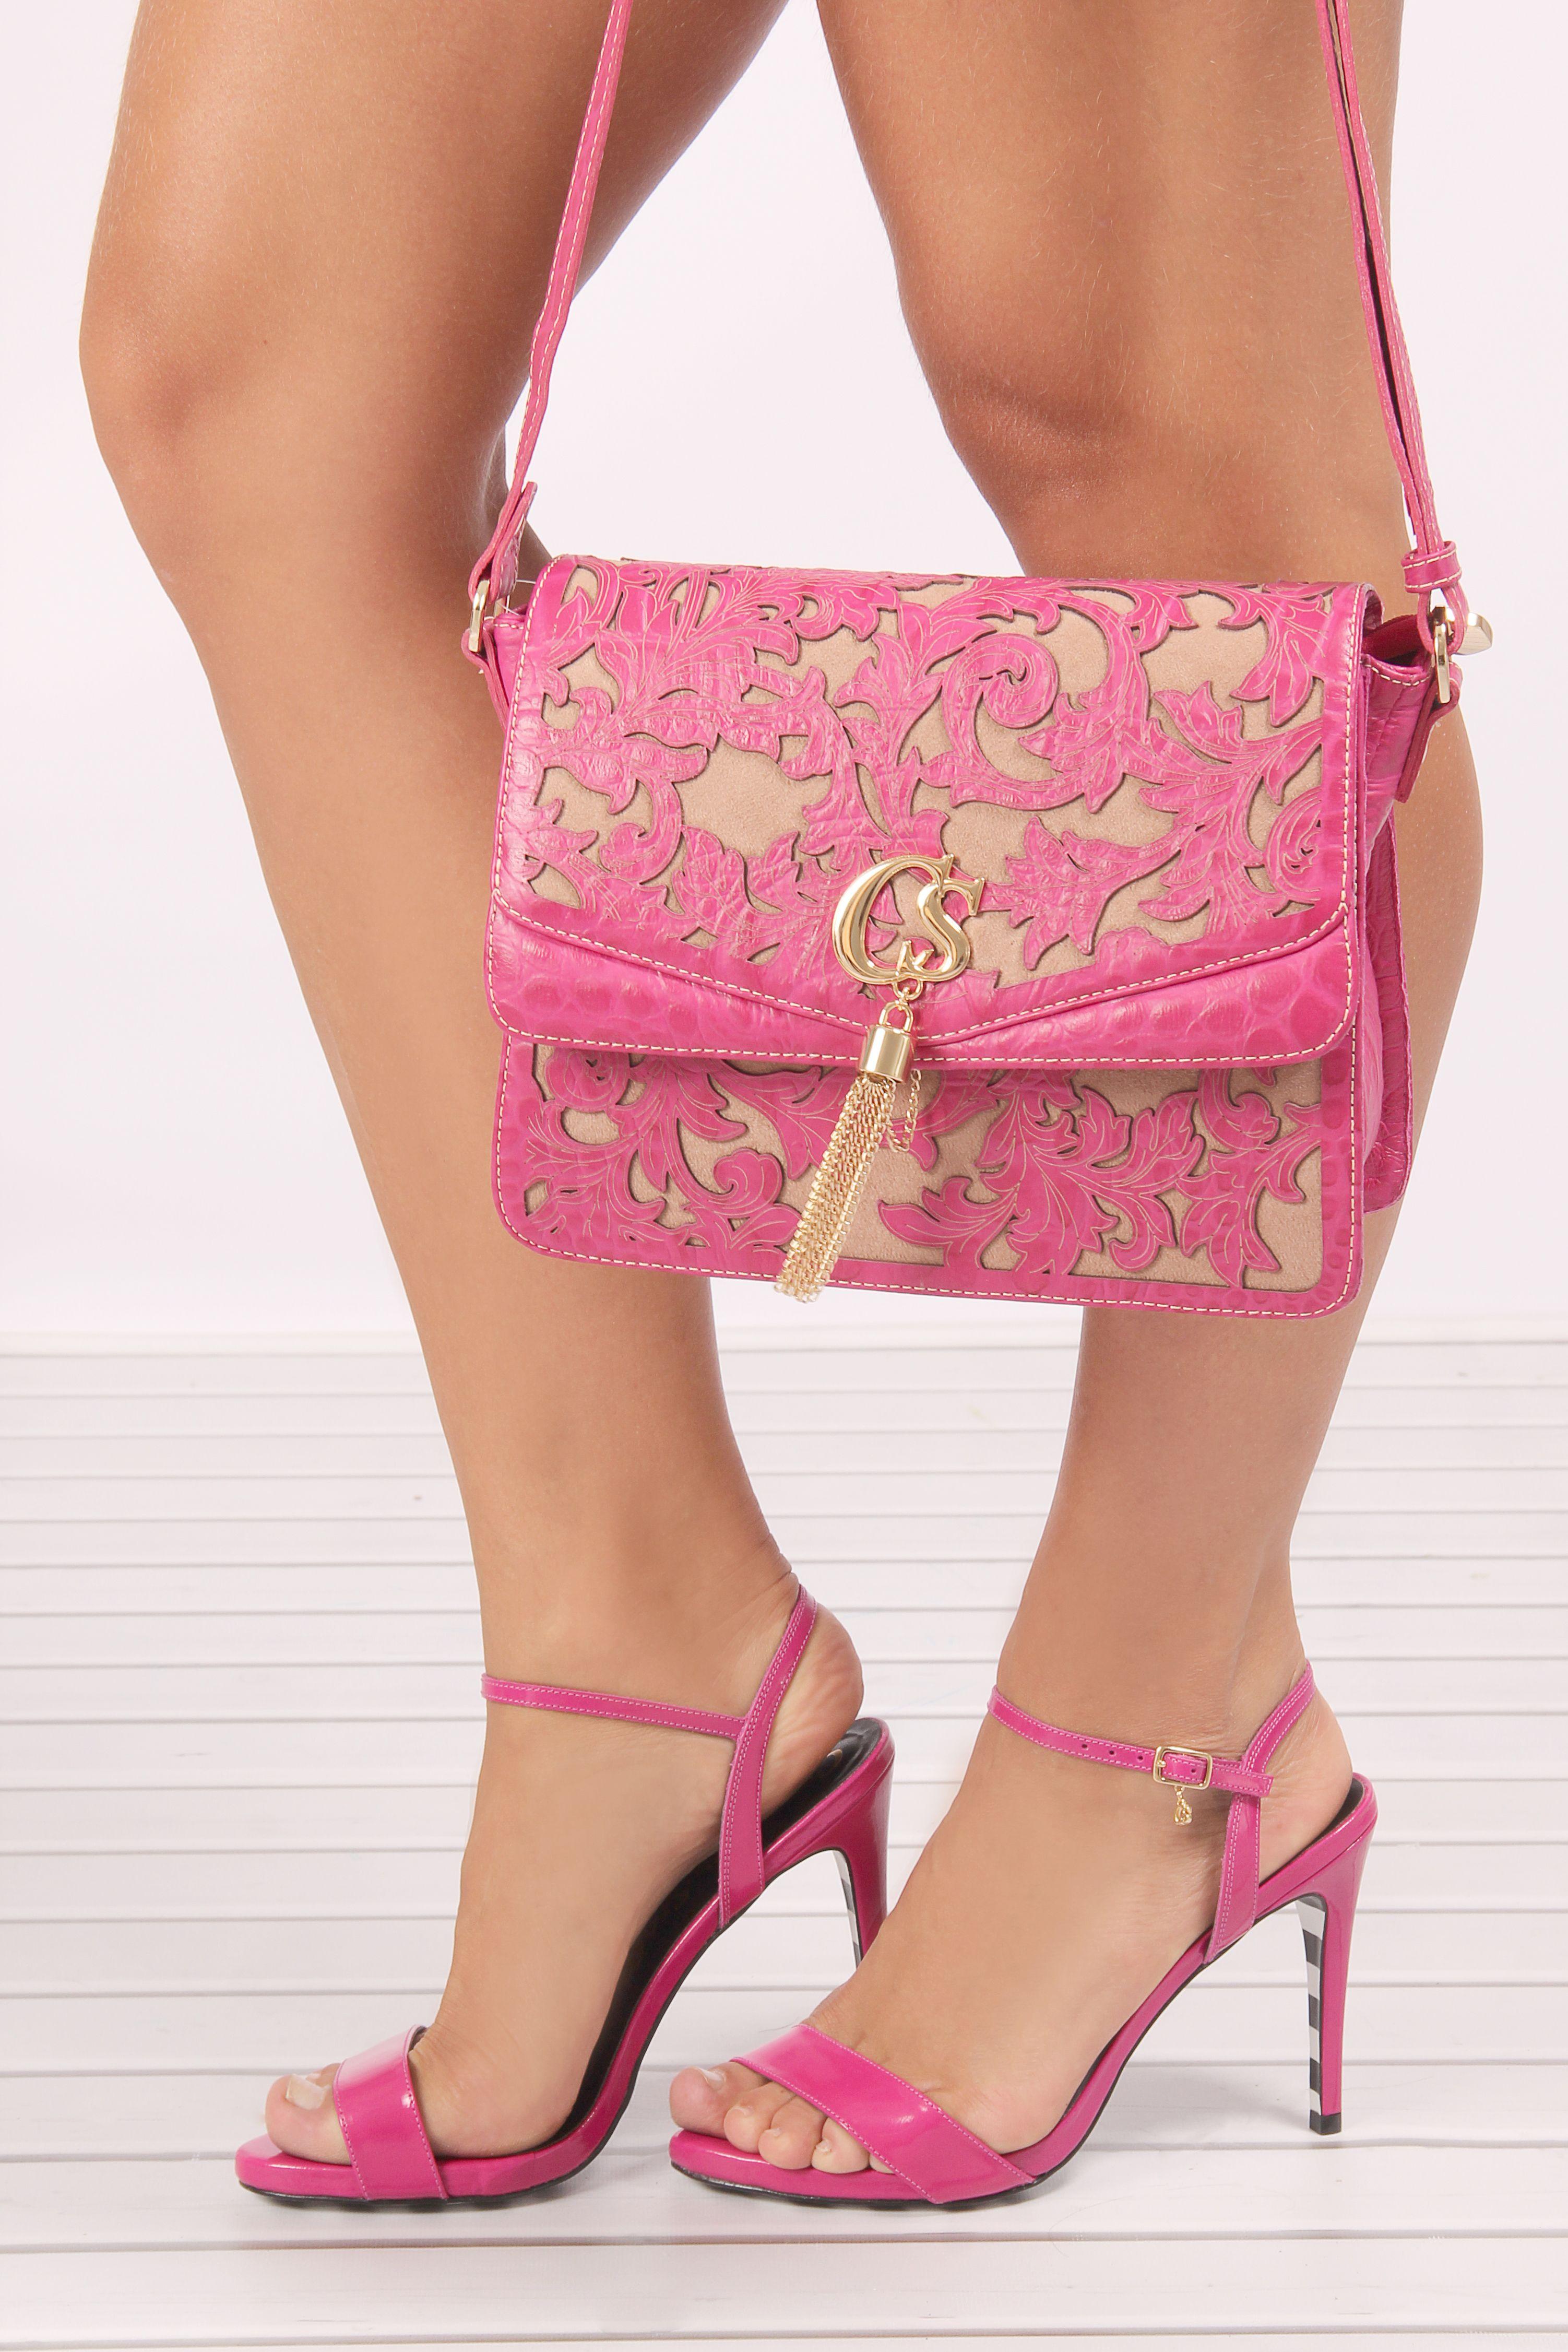 fa7cf92359 Sandália rosa fúcsia com tiras finas Carmen Steffens. Bolsa Rosa Carmen  Steffens com recortes e aplicações